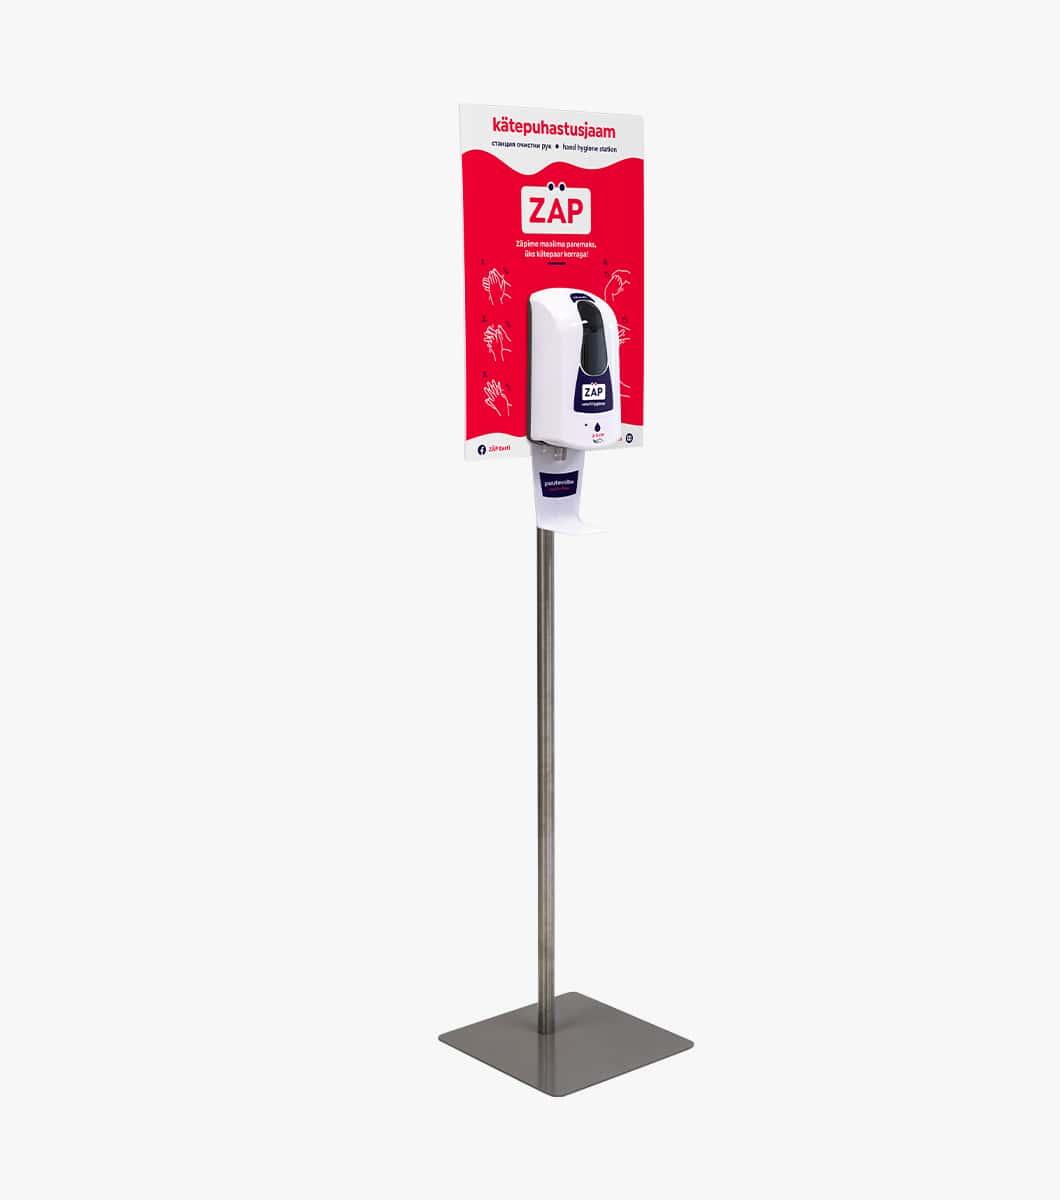 Kätepuhastusjaam-põrandale-min